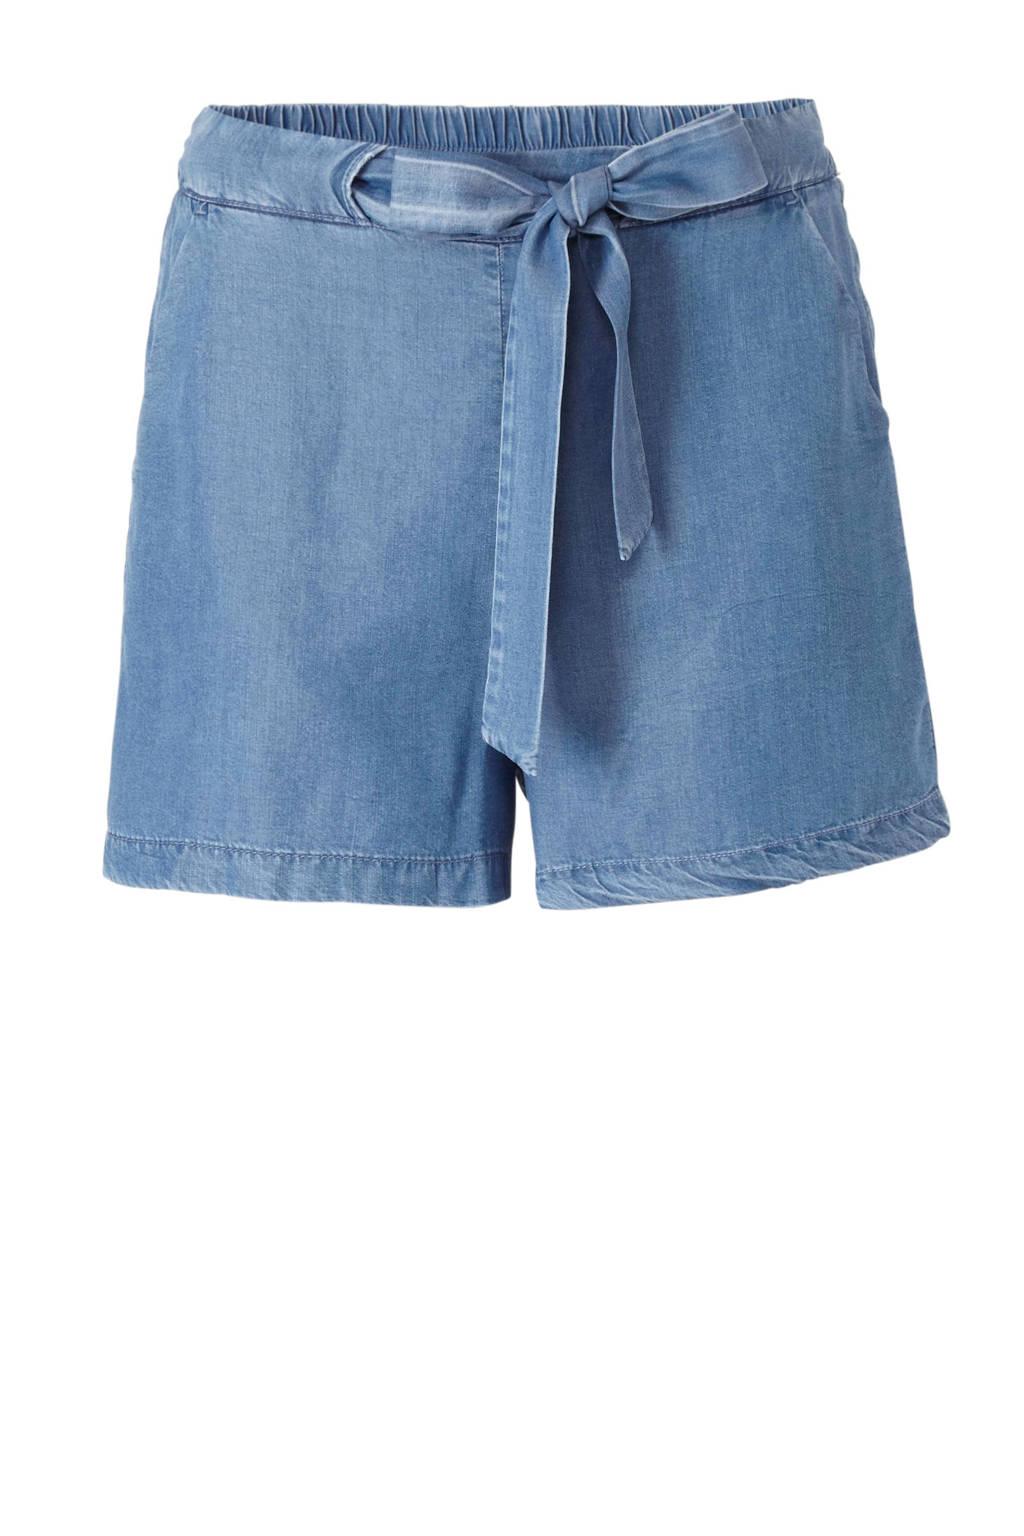 Mango high waist loose fit jeans short, Light denim